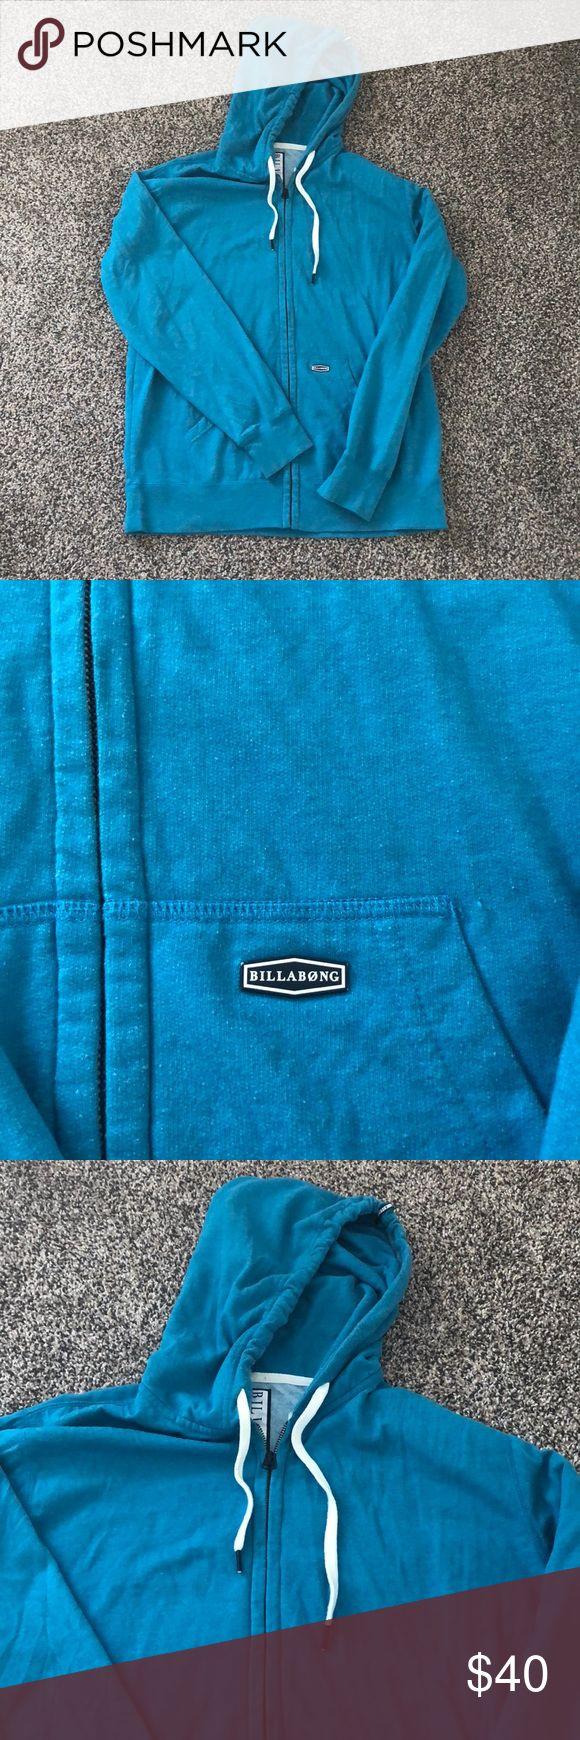 Billabong Blue Zip up Hoodie Billabong Blue Zip up Hoodie Billabong Shirts Sweatshirts & Hoodies